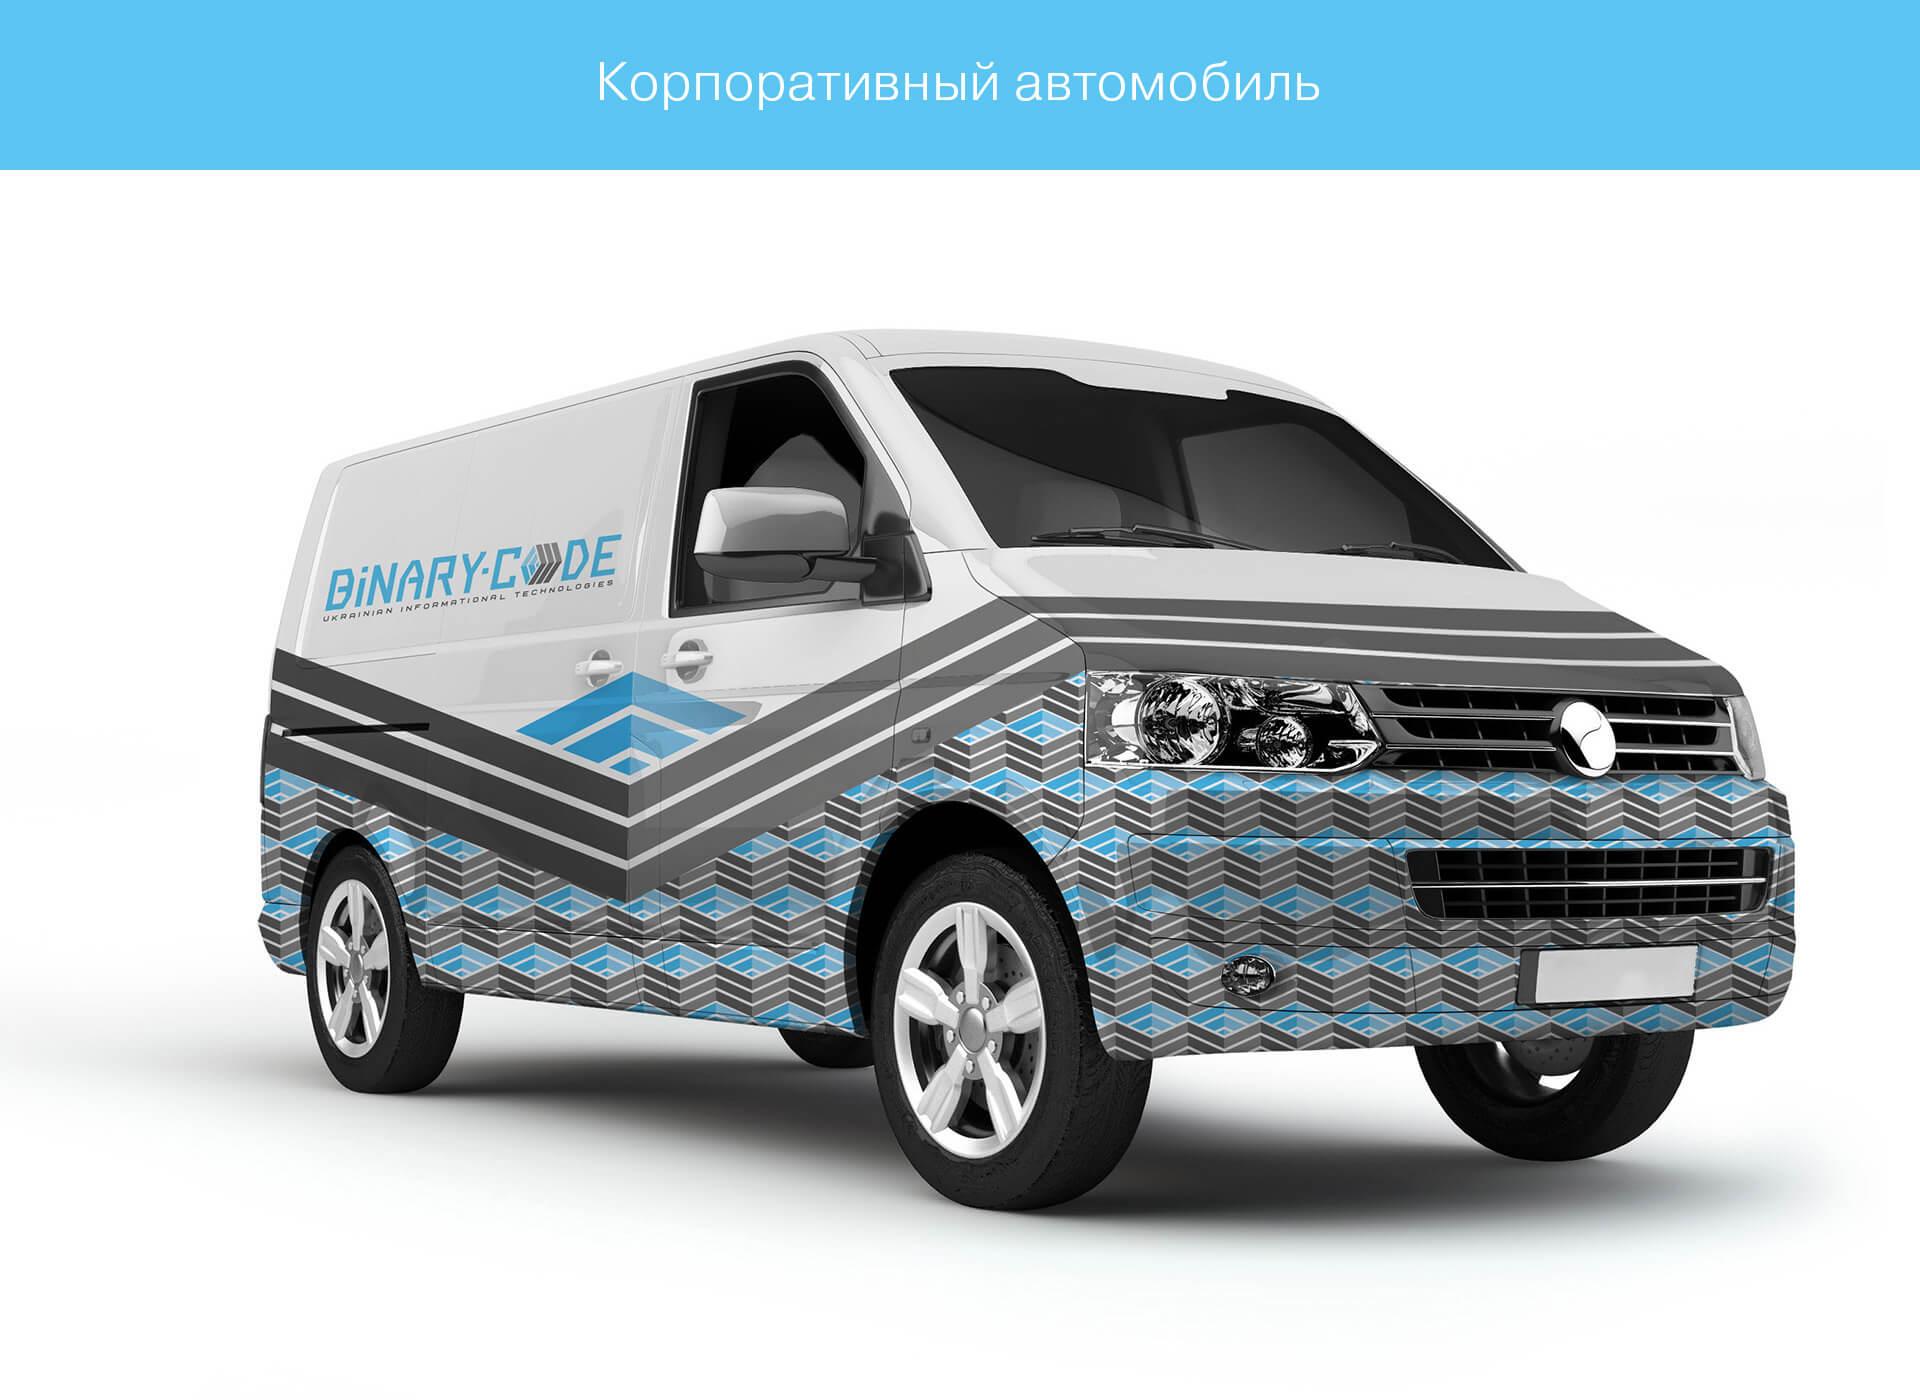 Разработка и создание дизайна корпоративного автомобиля (брендинг) от Fantastic Imago брендиногове рекламное агентство